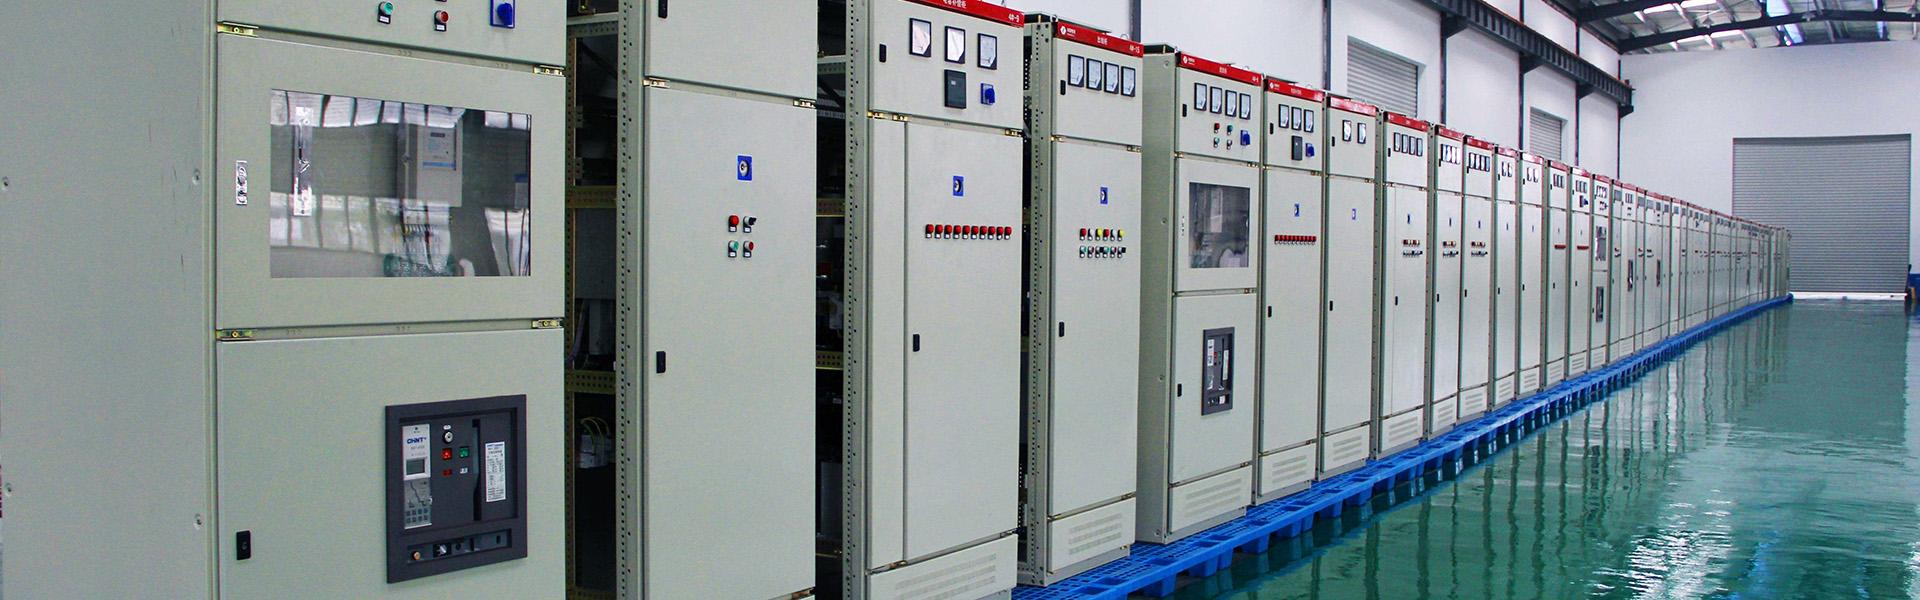 -电热带|电伴热带|电伴热|Raychem|瑞侃|仪表保温箱|仪表保护箱